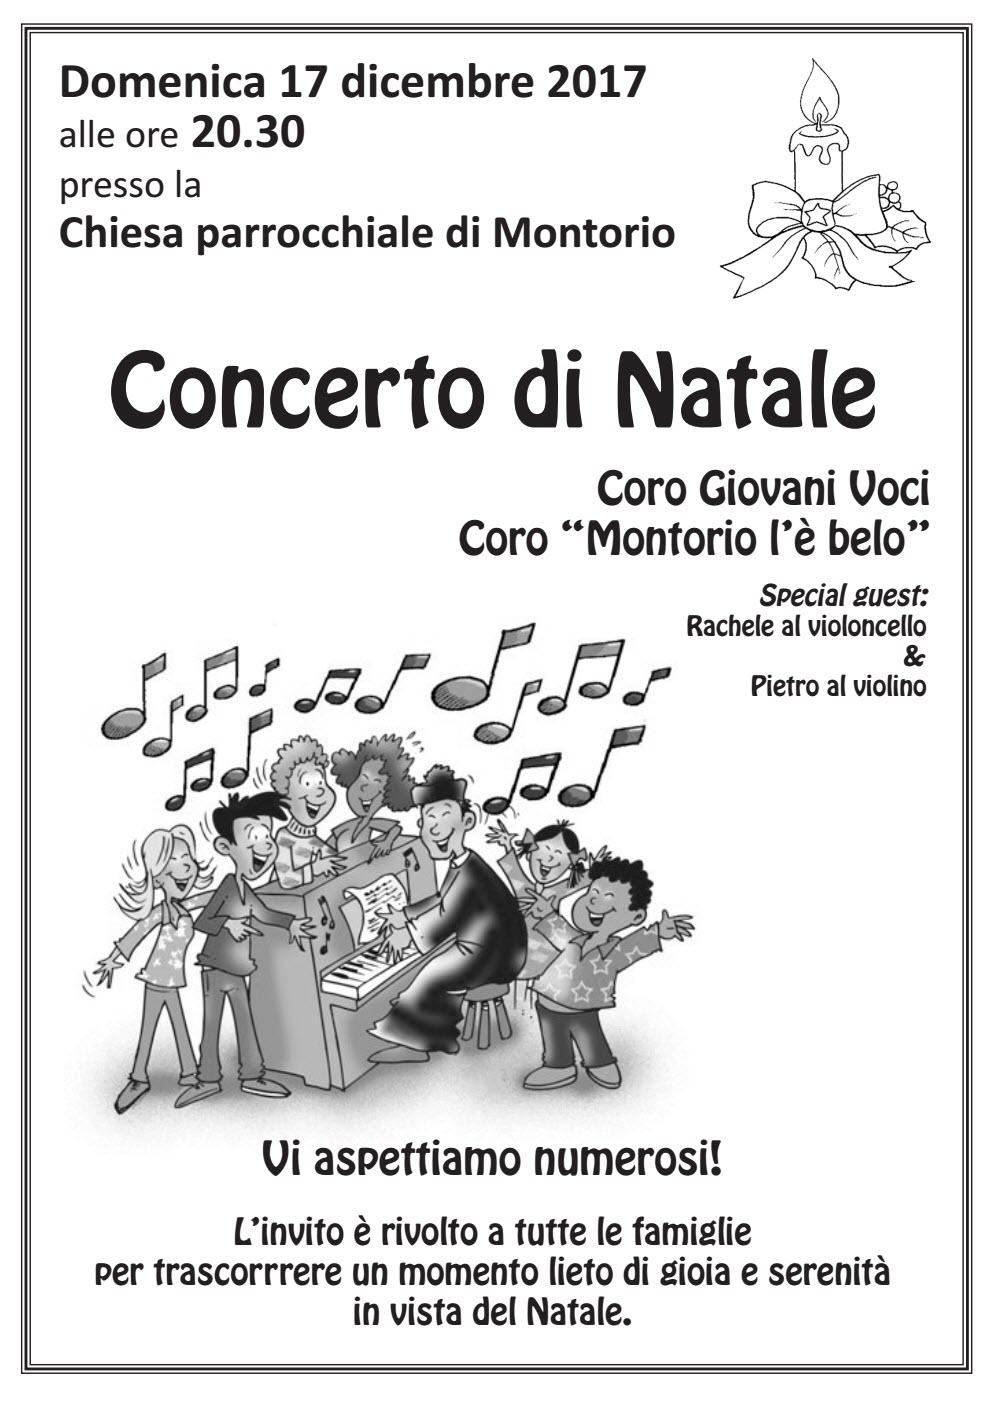 Concerto di Natale - Chiesa Parrocchiale di Montorio @ Chiesa di Montorio Veronese | Montorio | Veneto | Italia